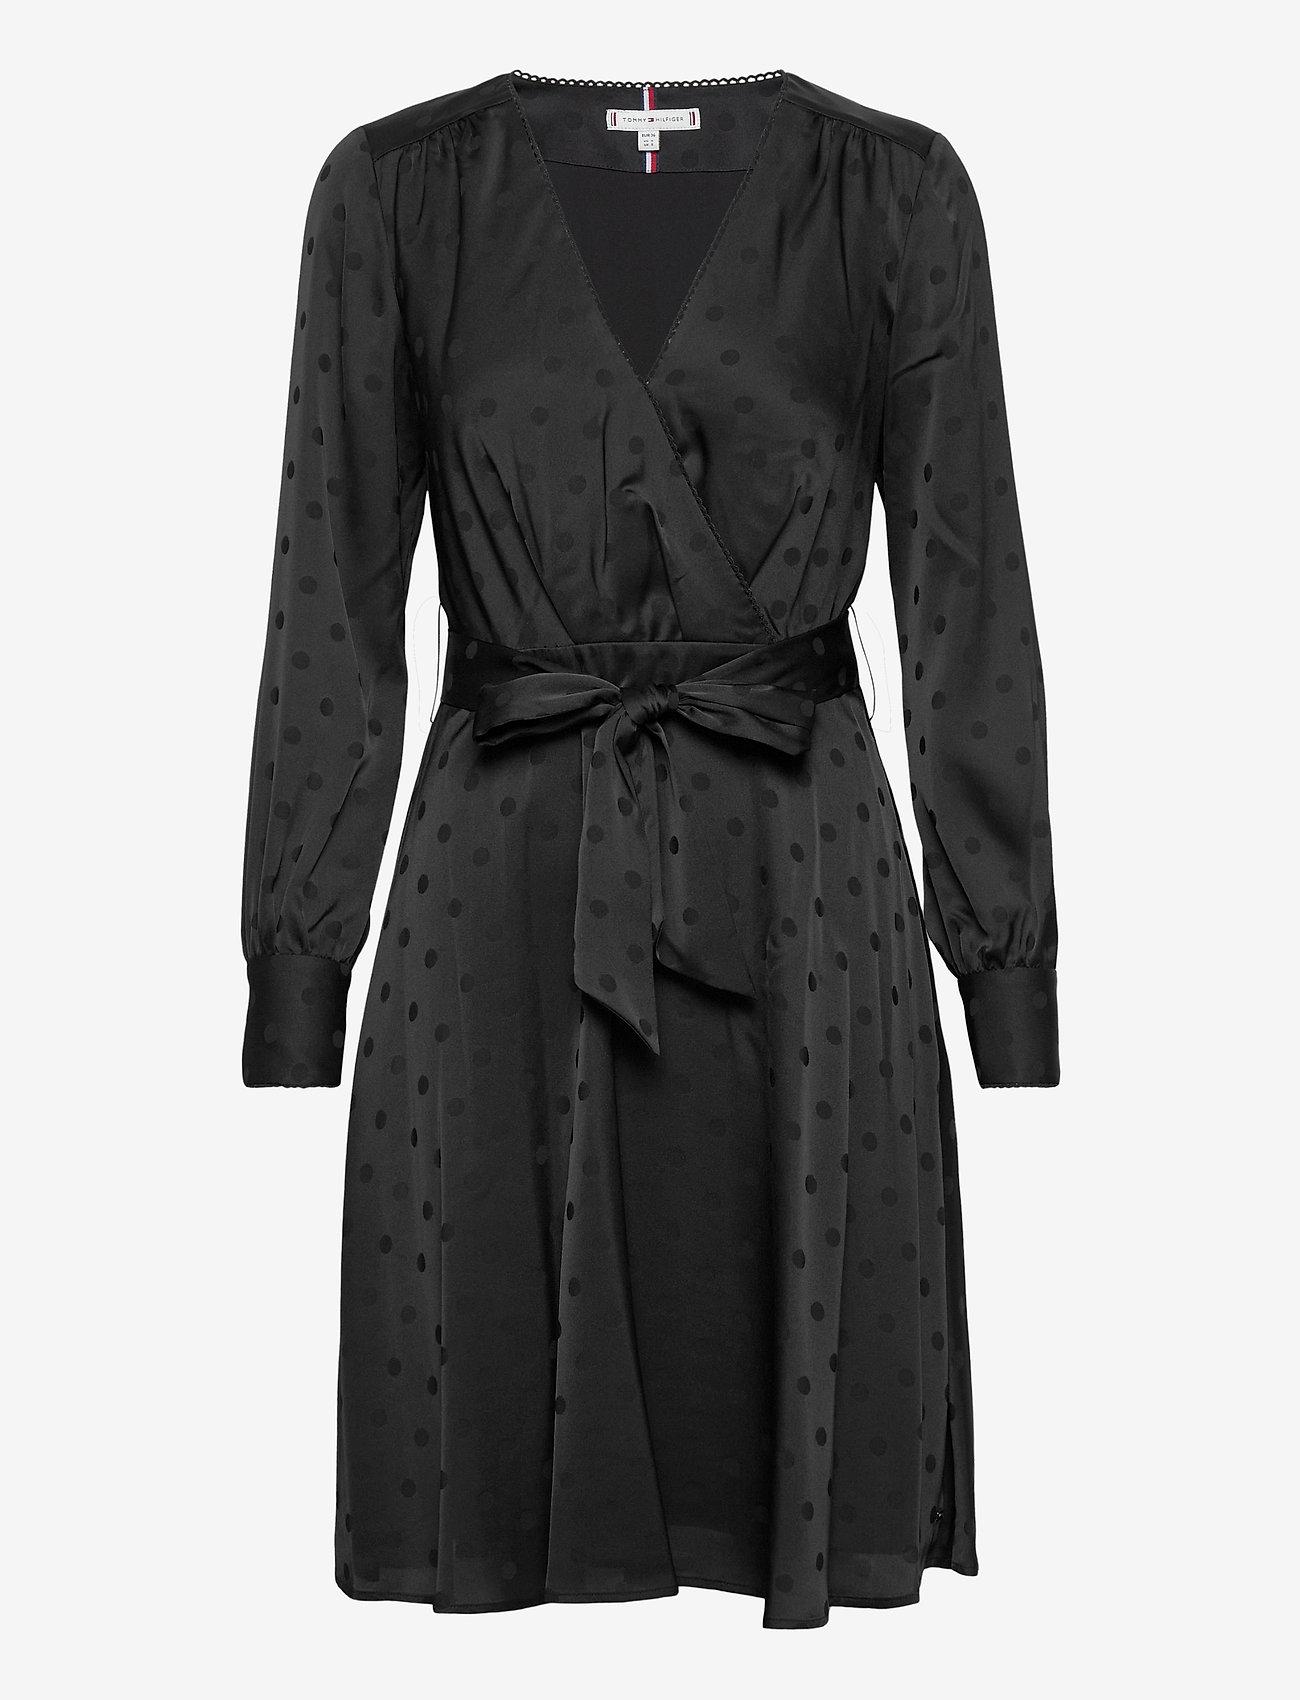 Tommy Hilfiger - POLKA DOT FIT&FLARE WRAP DRESS - wrap dresses - black - 0